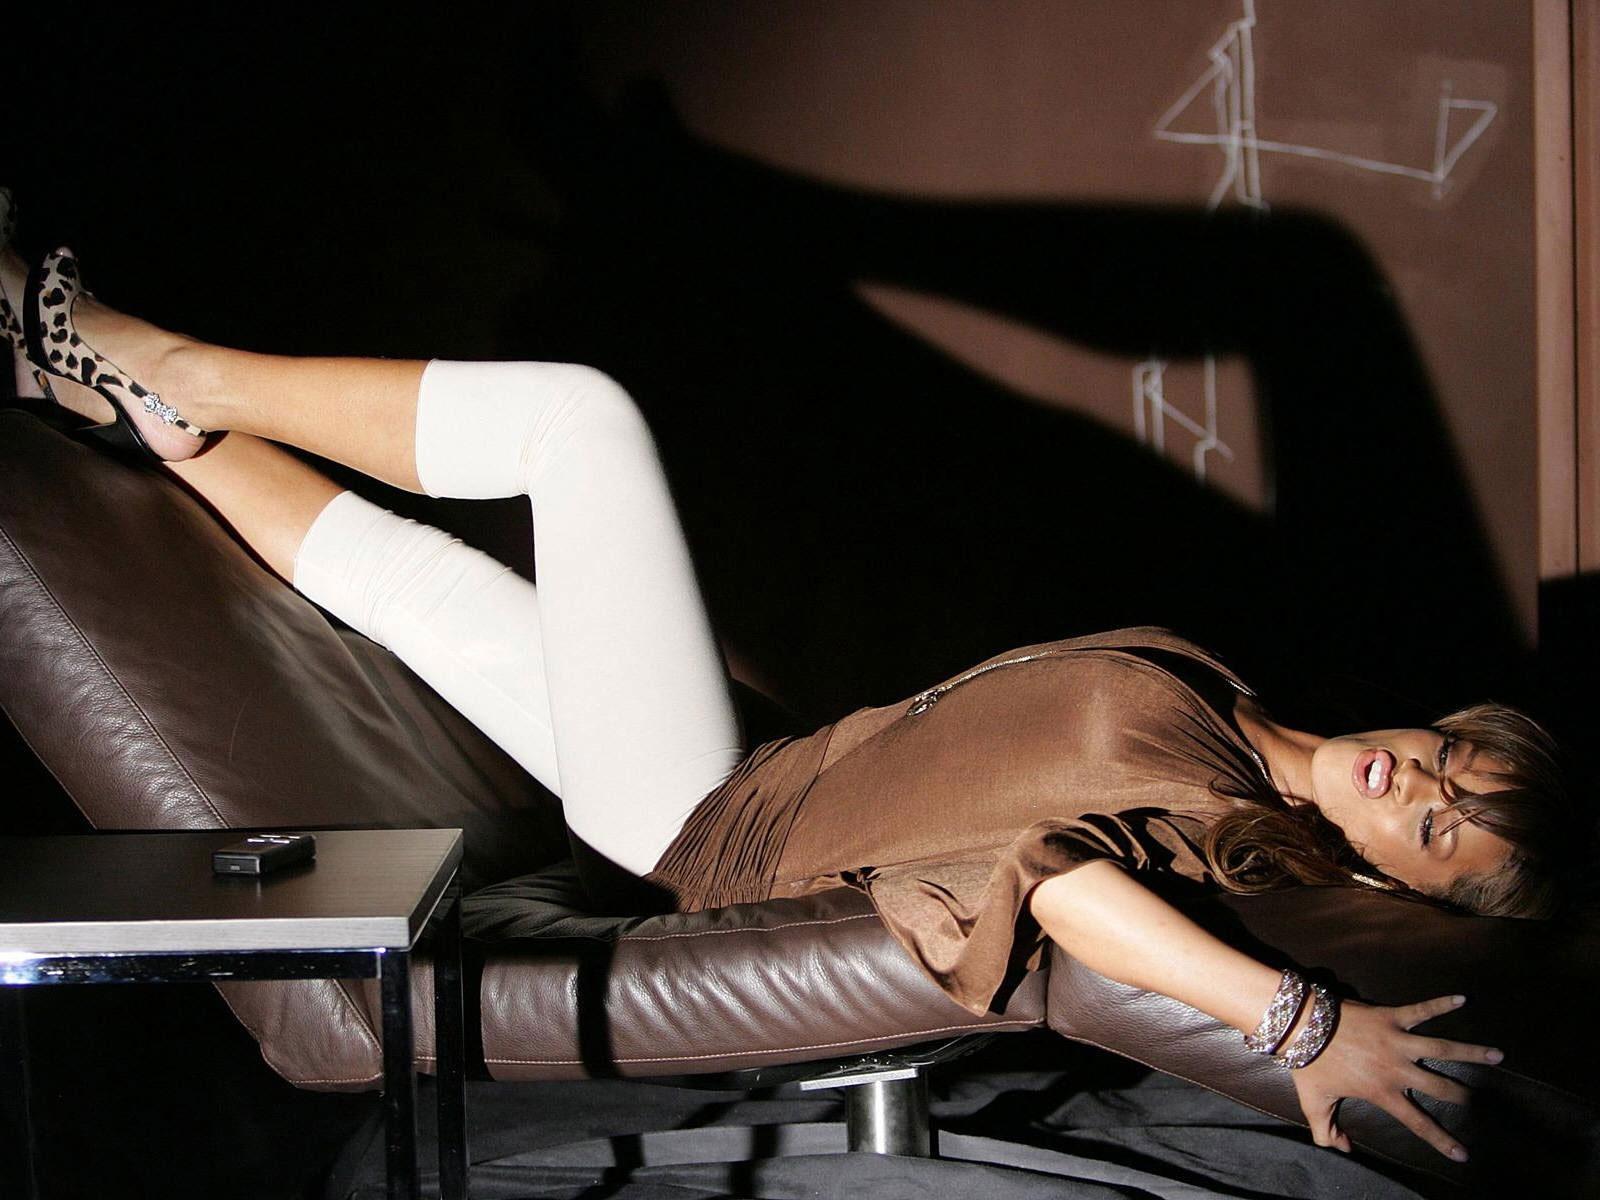 http://3.bp.blogspot.com/-6t3okVNnCh8/TyacgXRmPhI/AAAAAAAAC3Q/DqjL5Z4xpIw/s1600/Rihanna-Wallpapers-For-Desktop-1.jpg